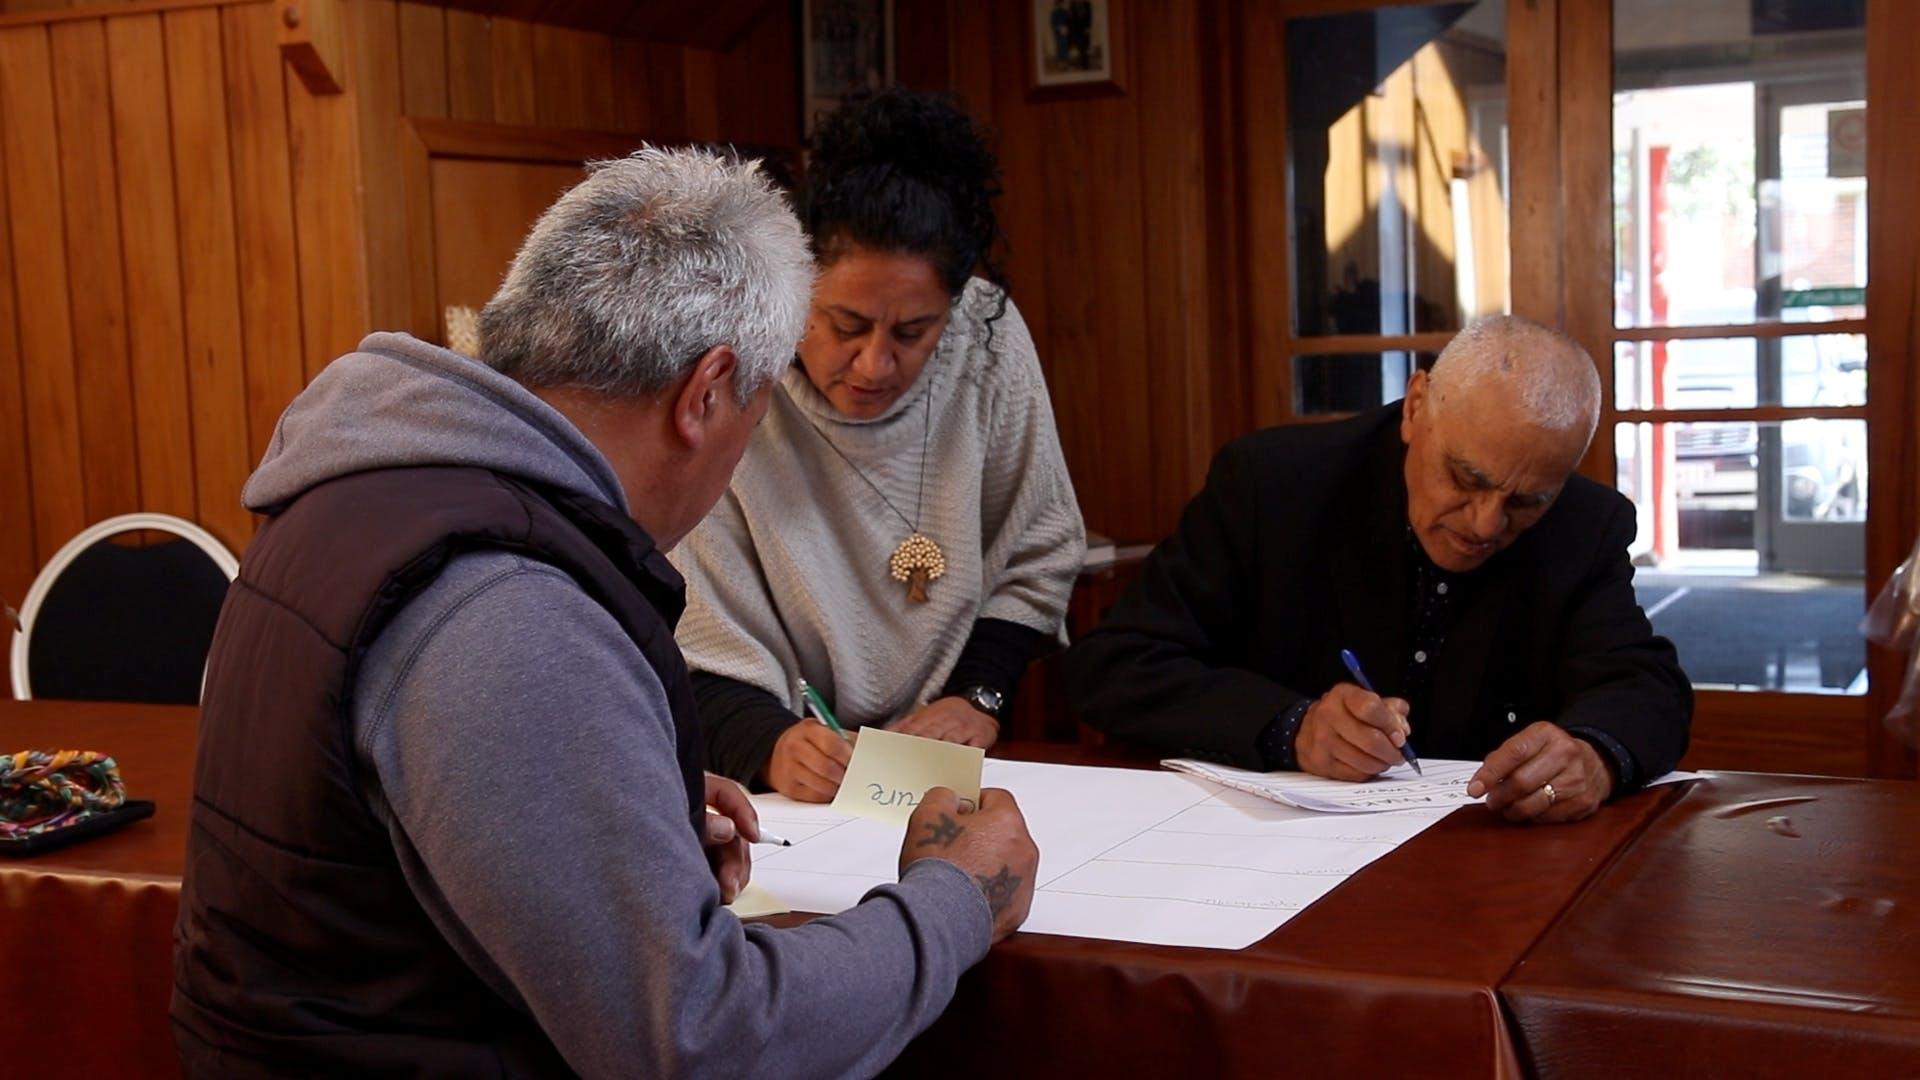 Riri Ellis sharing kōrero with kaumātua